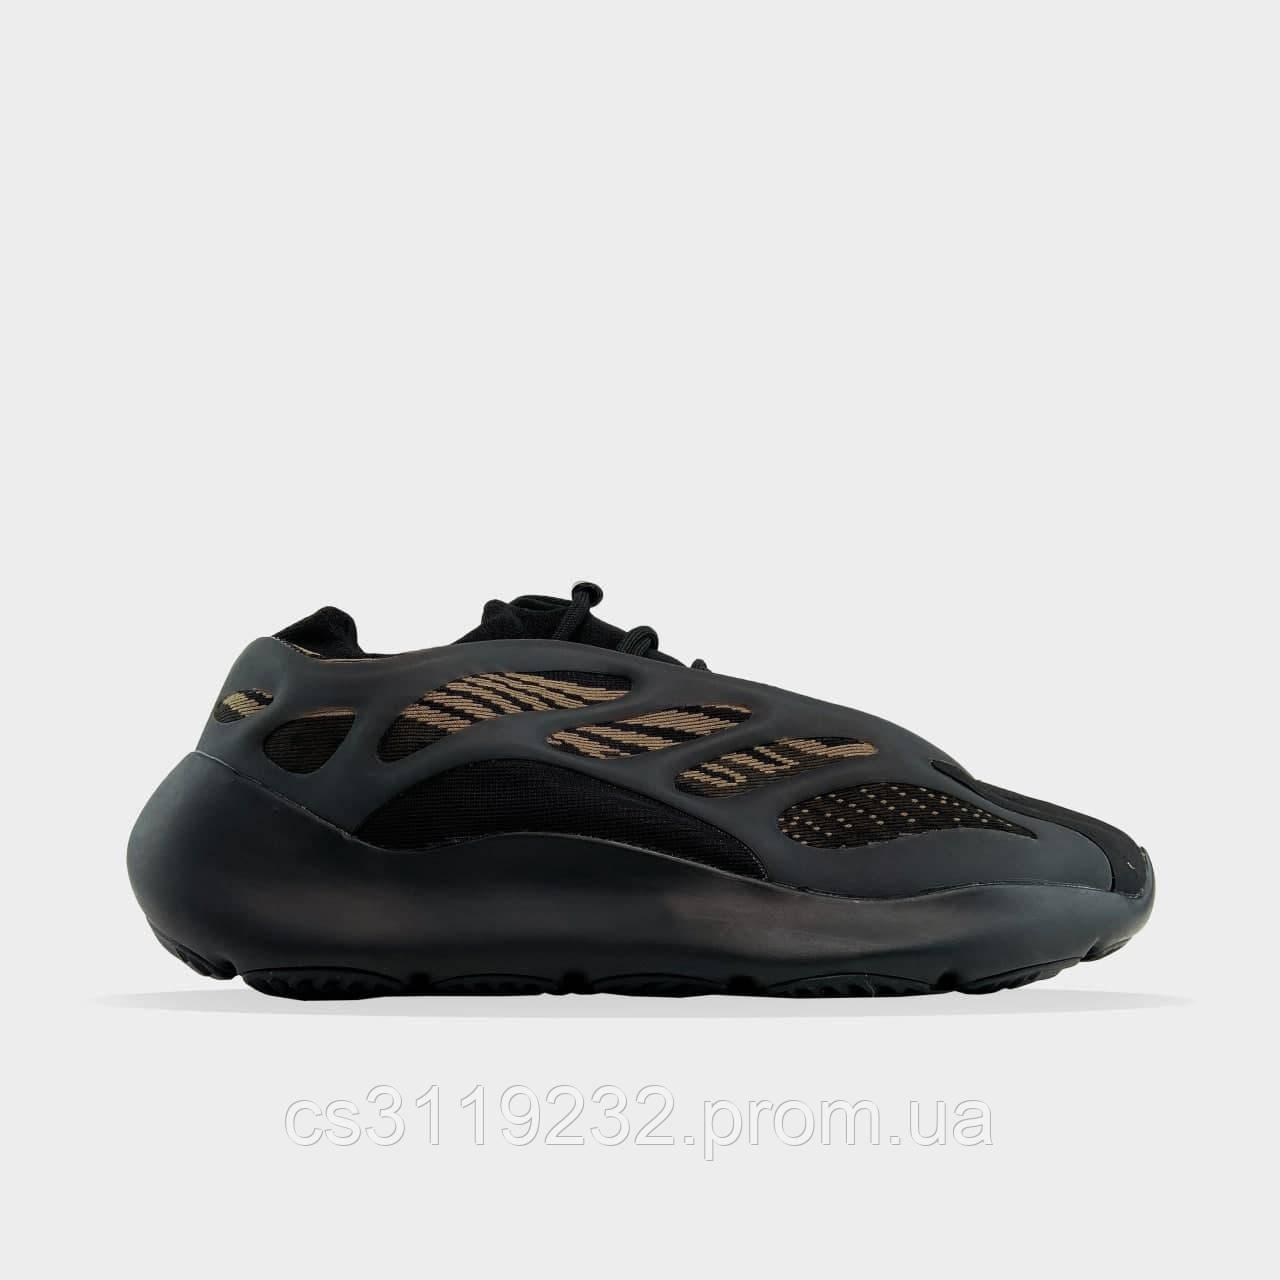 Женские кроссовки Adidas Yeezy Boost 700 V3 Clay Brown (черно-коричневый)